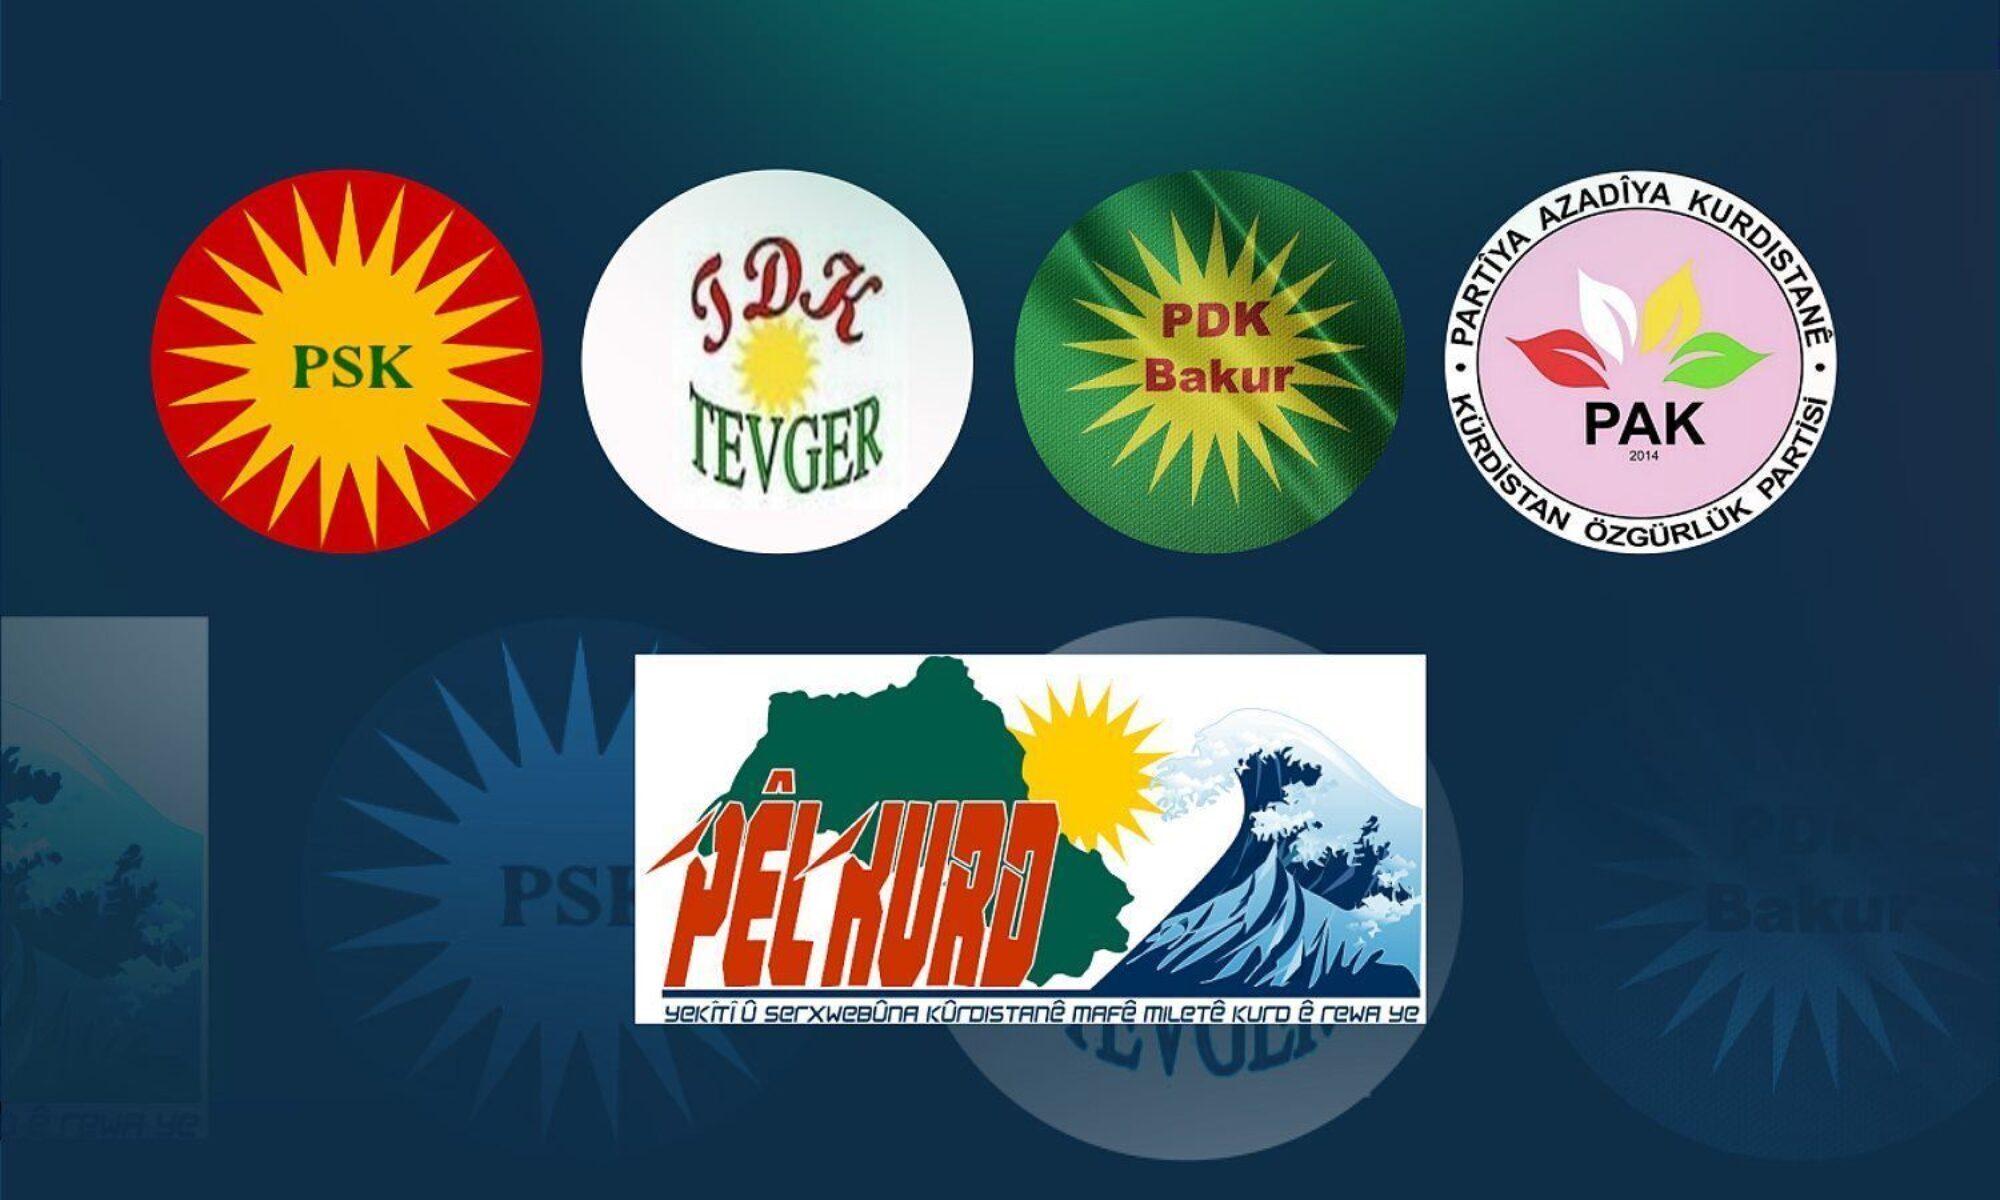 5 Kürt partisi: Kürt milletine karşı yürütülen sistemli jenosidin bir devamı olduğundan kuşkumuz yoktur Kürdistan Özgürlük Partisi (PAK), Kürdistan Demokrat Partisi-Bakur (PDK-Bakur), PÊLKURD, Kürdistan Sosyalist Partisi (PSK) ve Kürdistan Demokratik Hareketi (TEVGER) Afyon, ankara, Konya, Irkçı saldırı